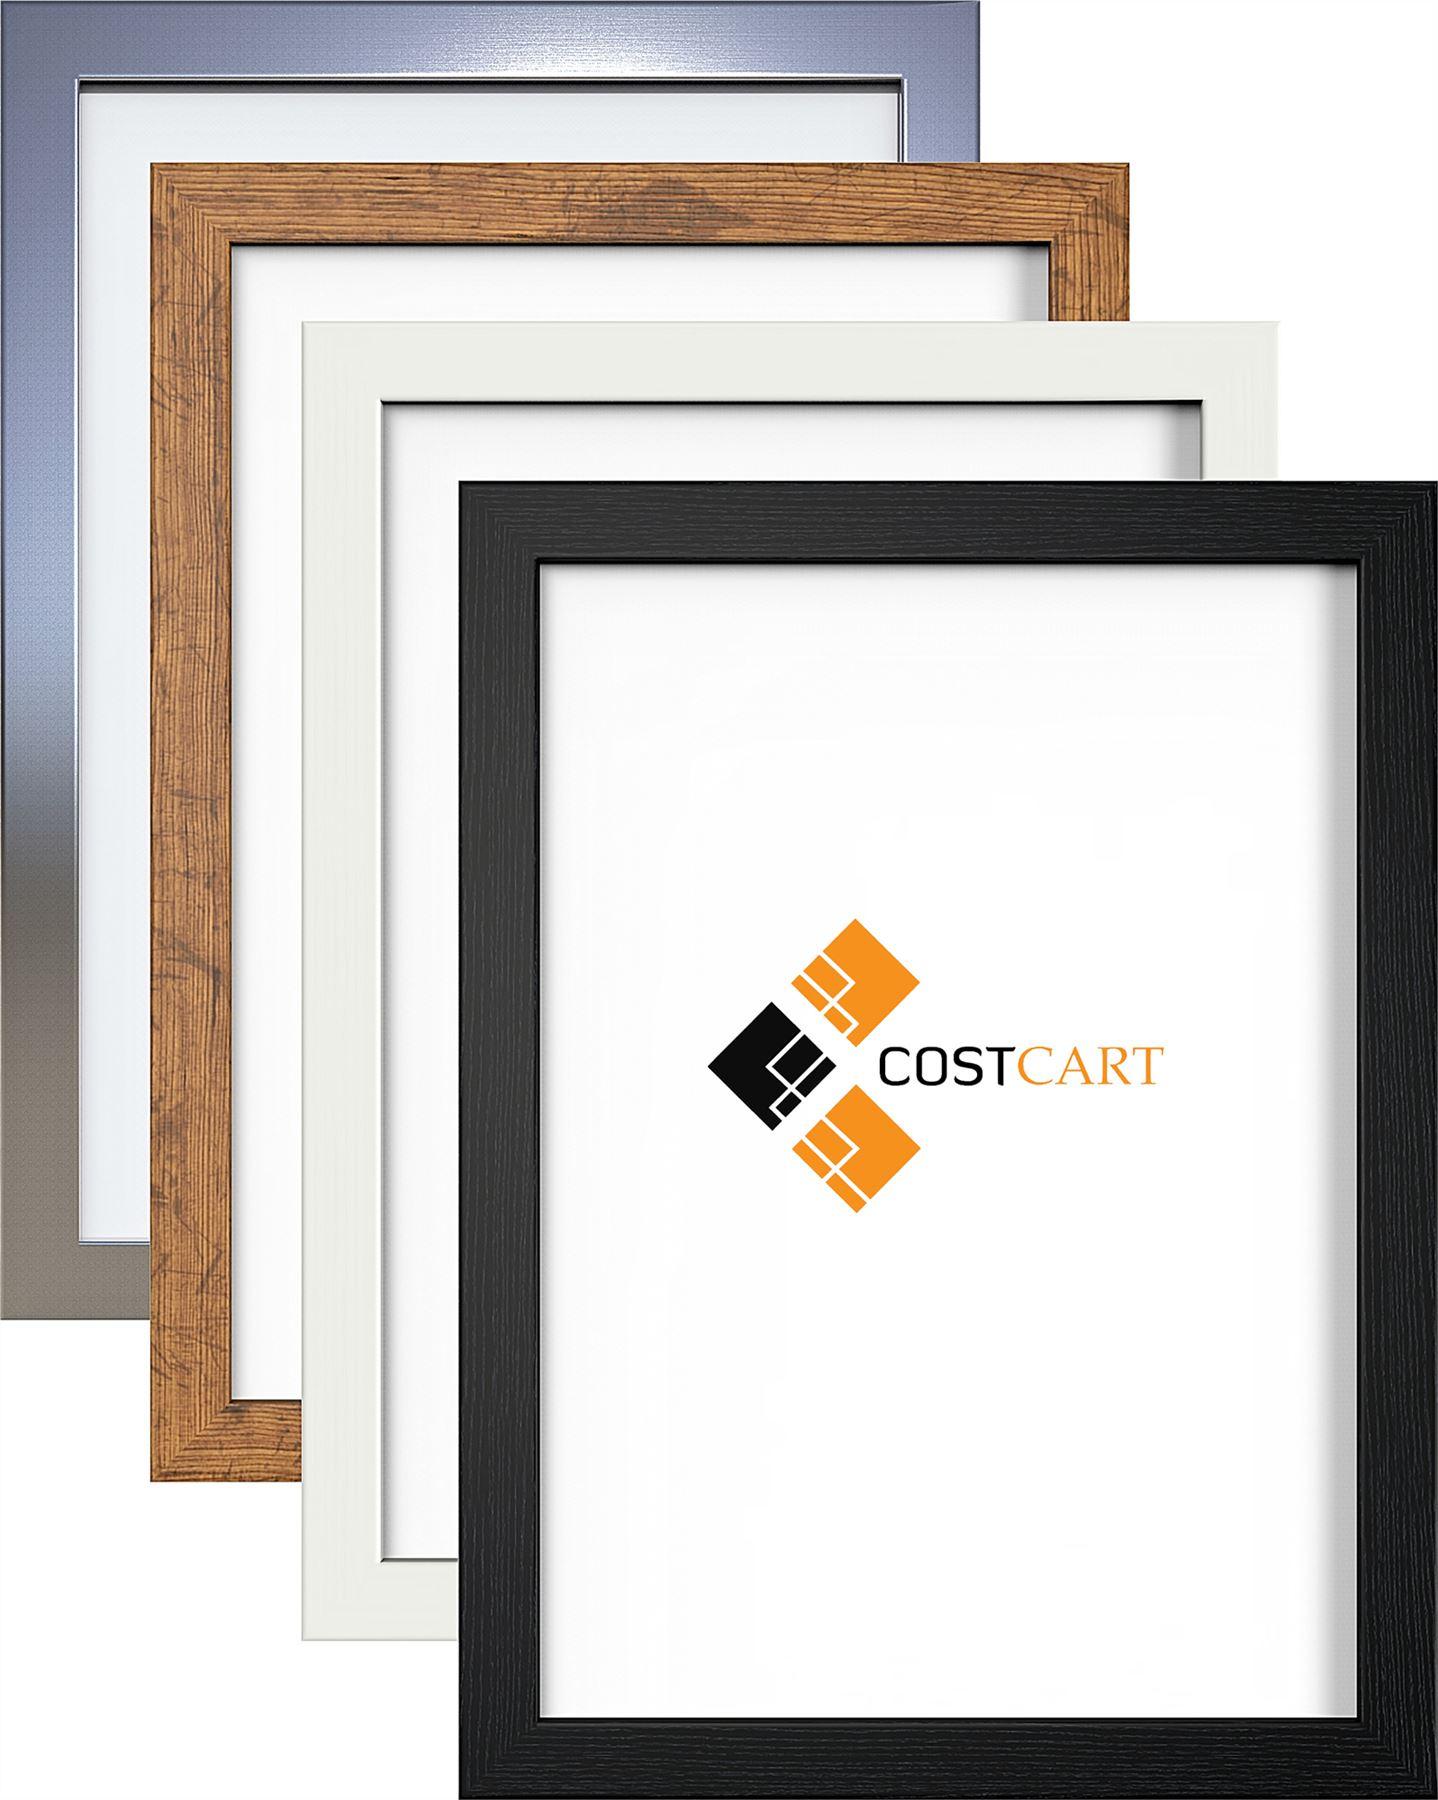 poster frame photo frames modern picture frame wood effect. Black Bedroom Furniture Sets. Home Design Ideas